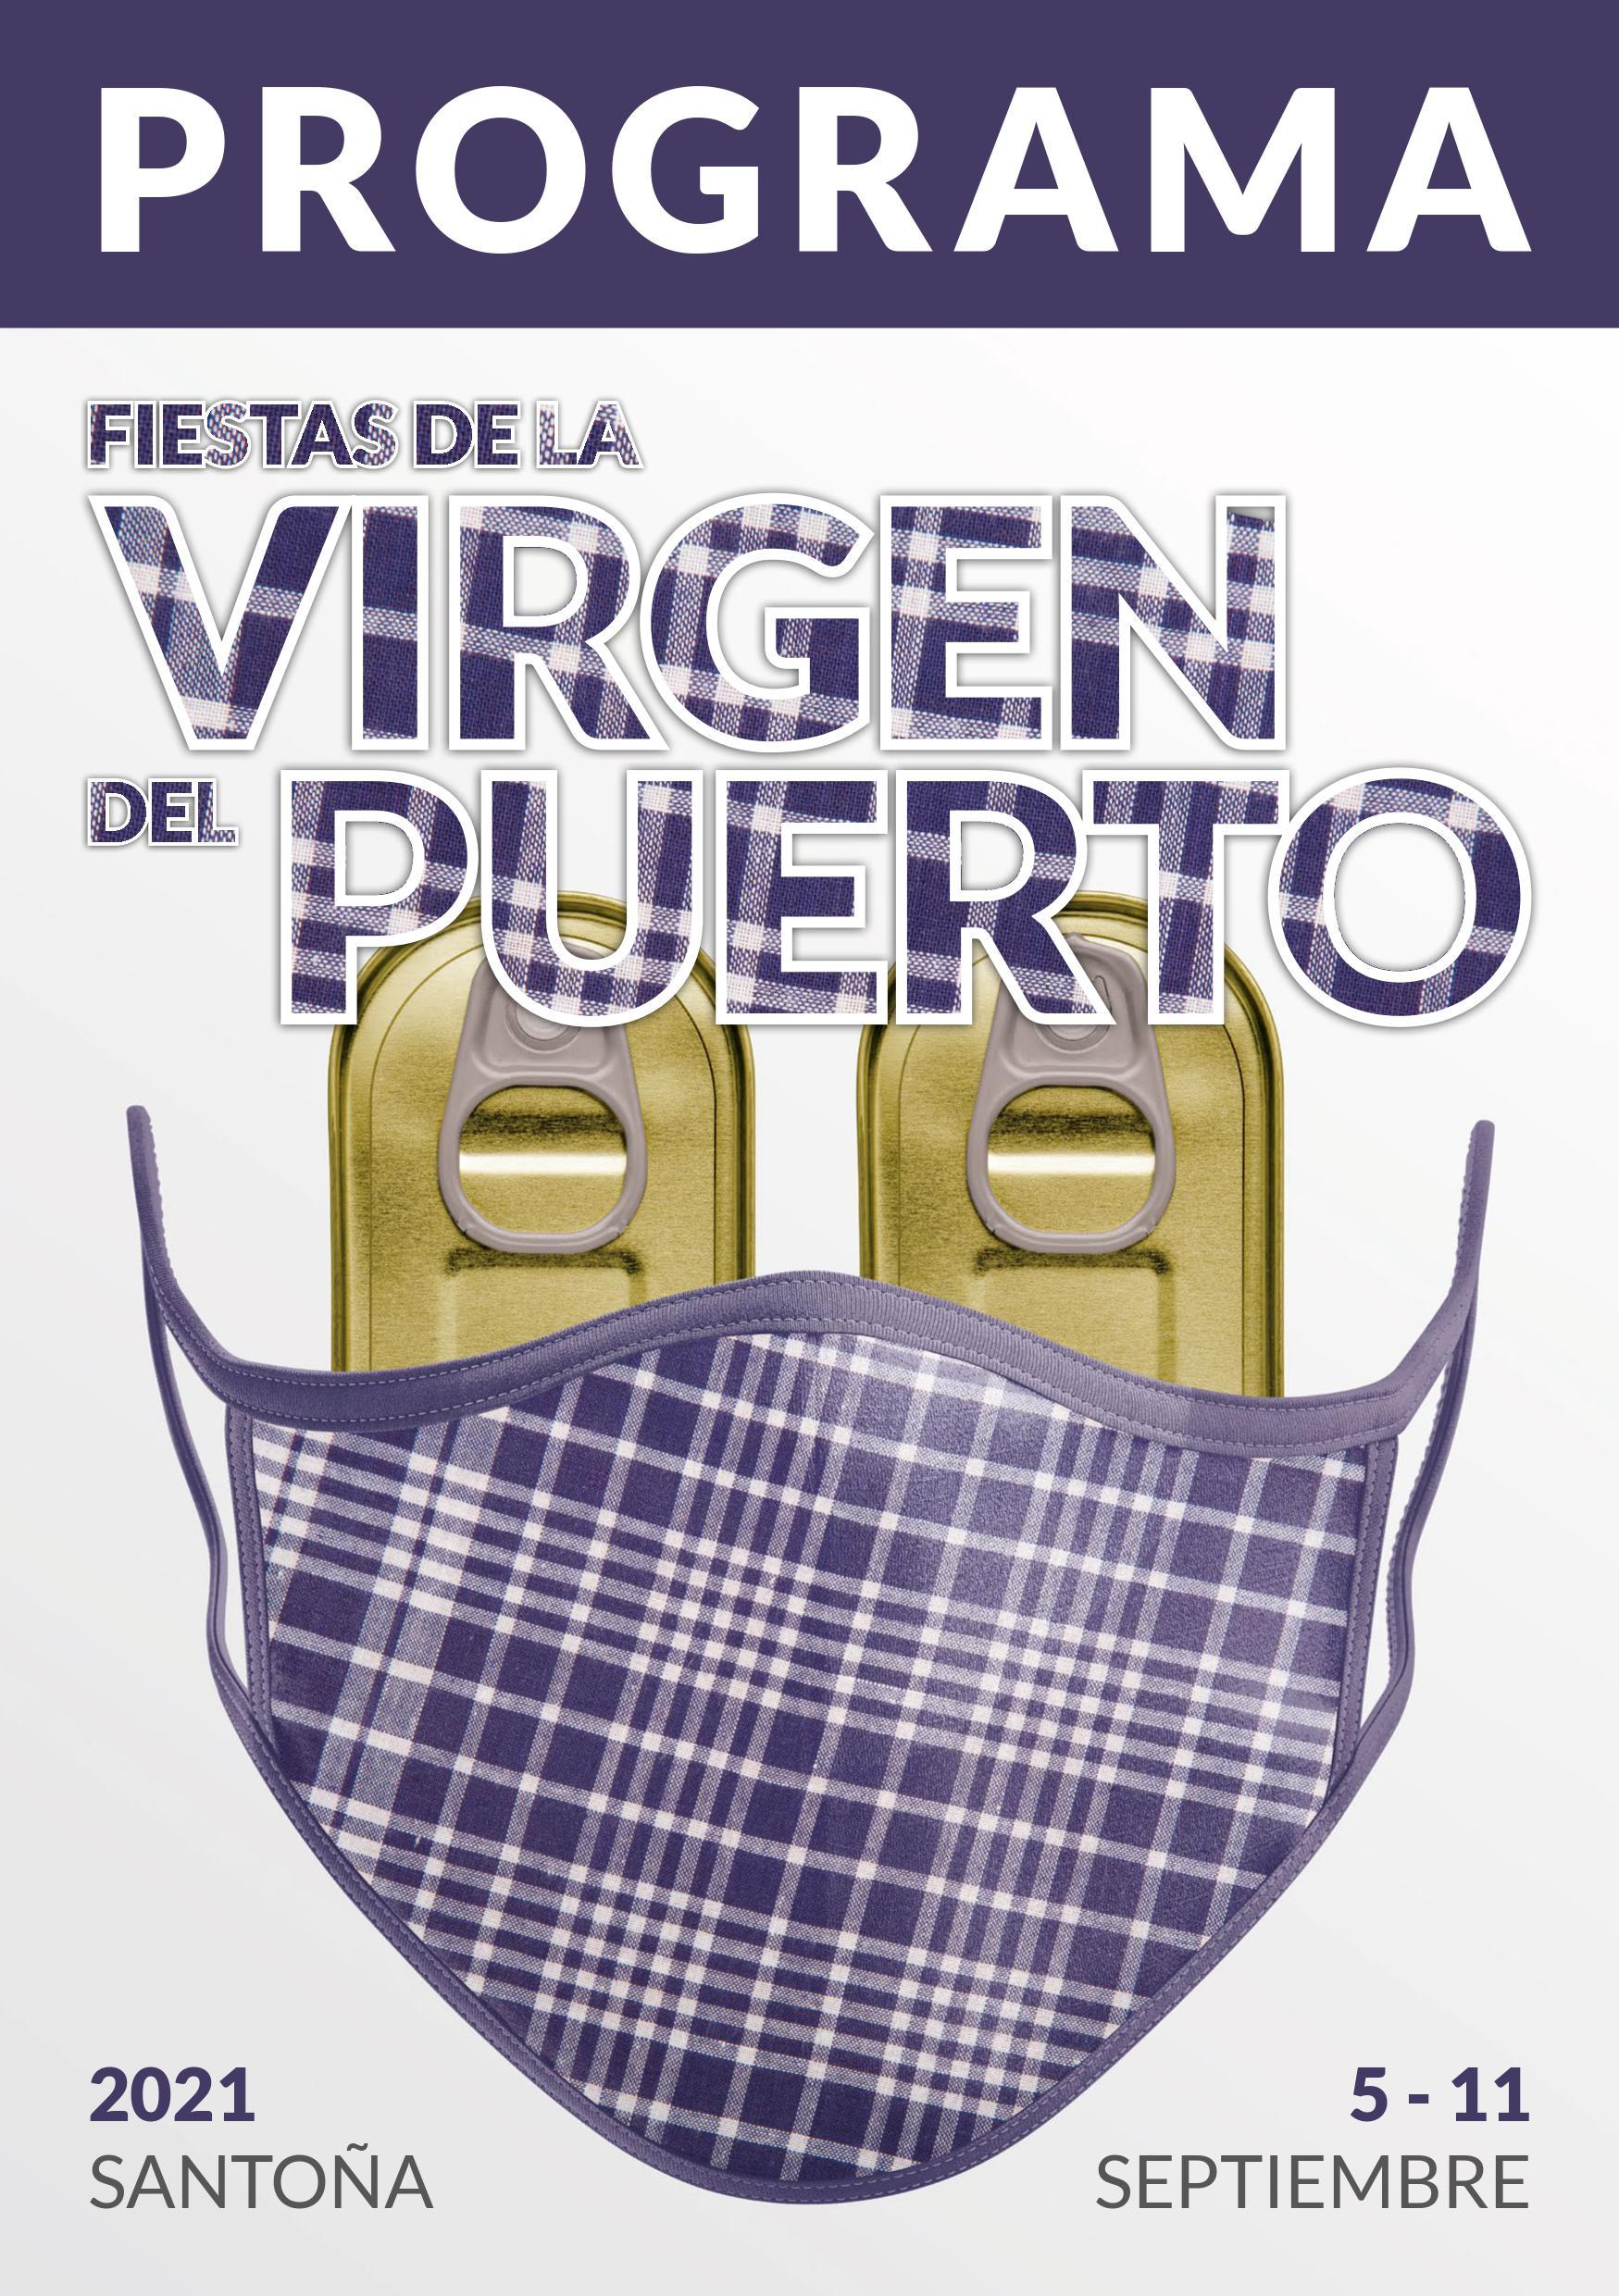 Fiestas de la Virgen del Puerto en Santoña